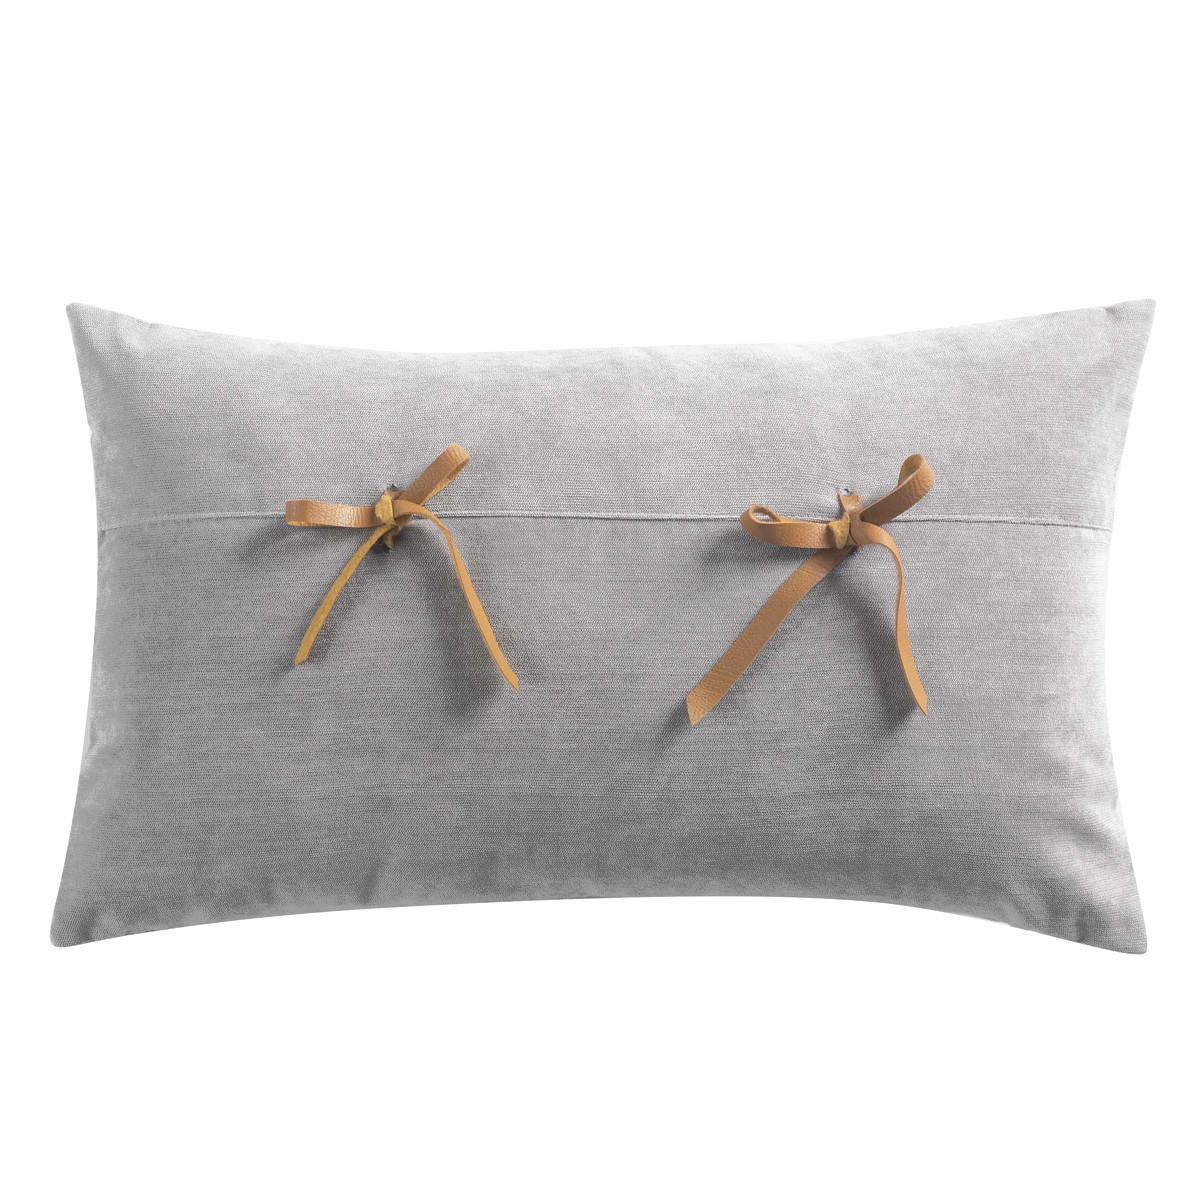 Διακοσμητικό Μαξιλάρι (30×50) Veloutine Gris 1608130